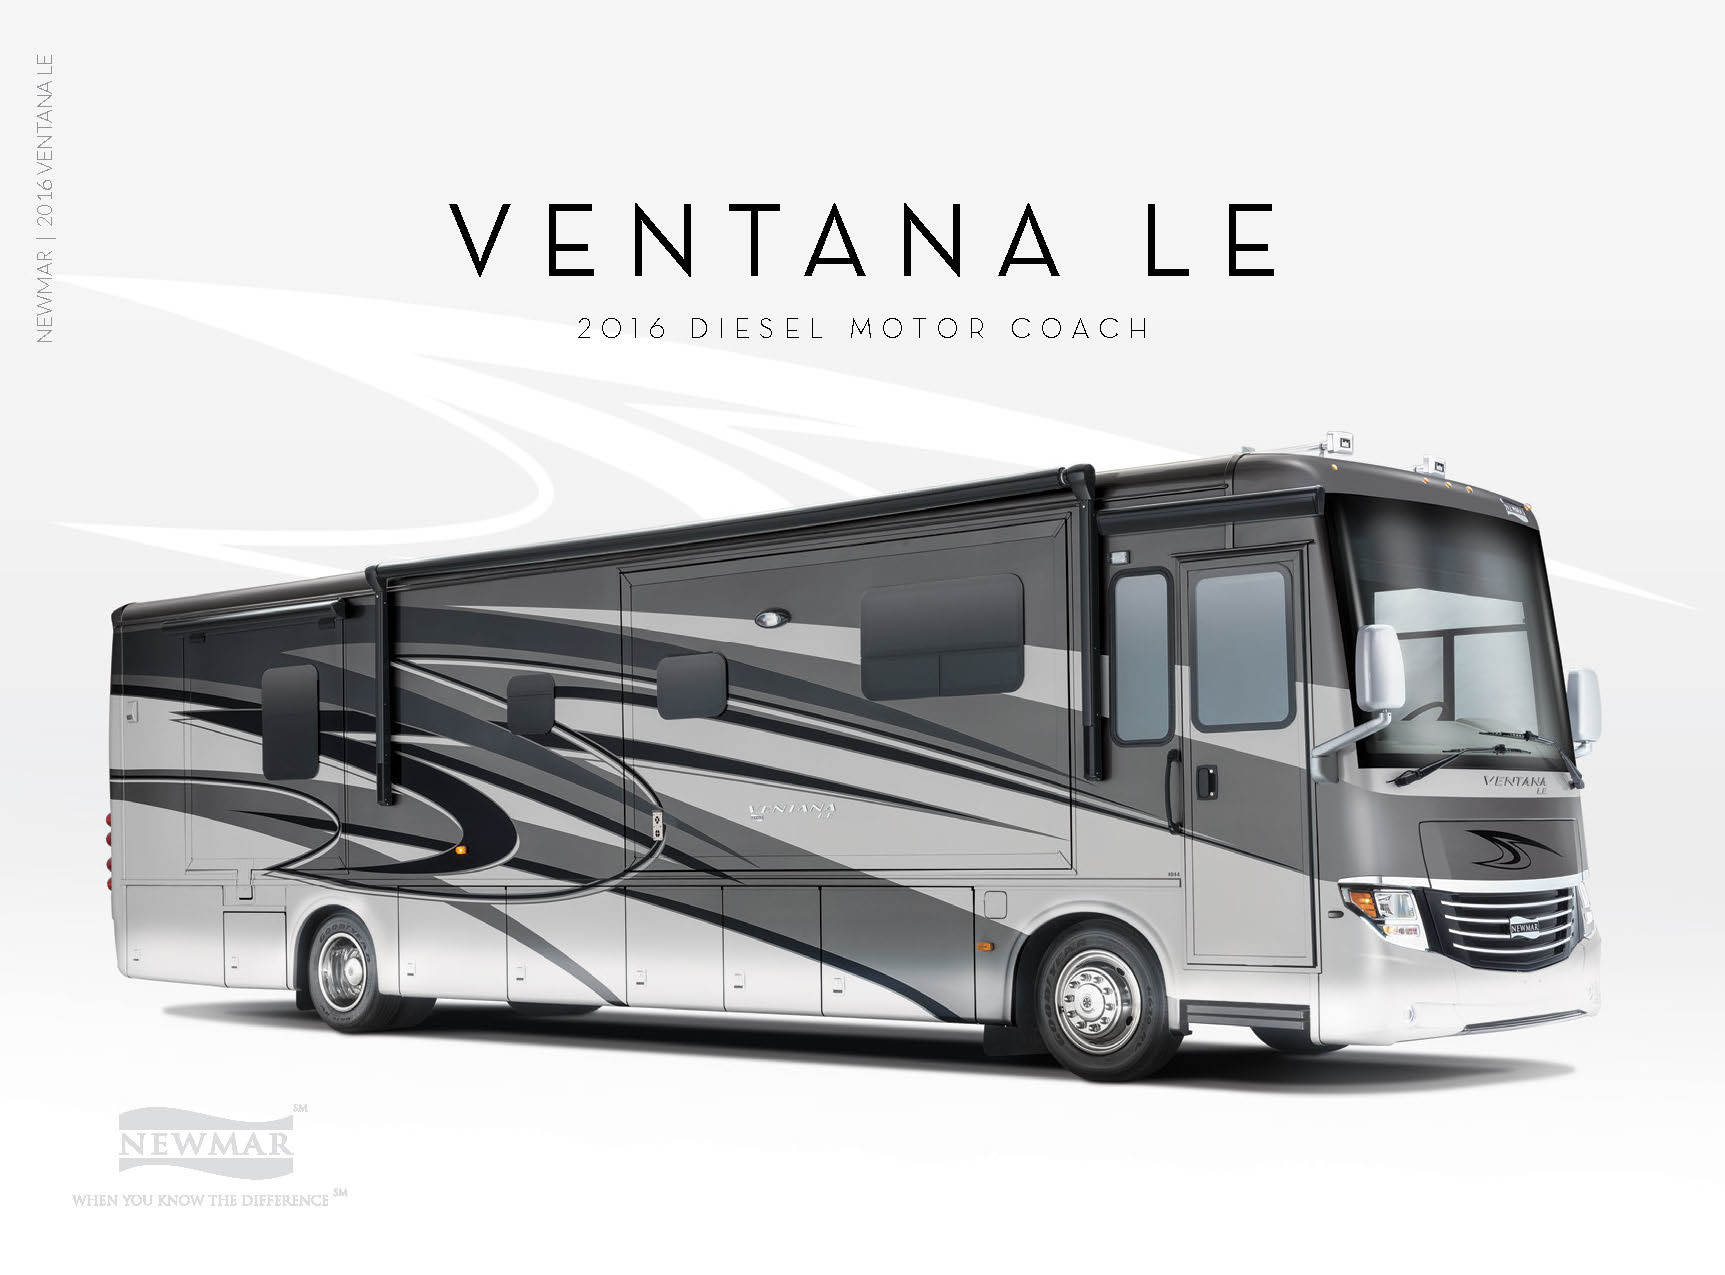 2016 Ventana LE